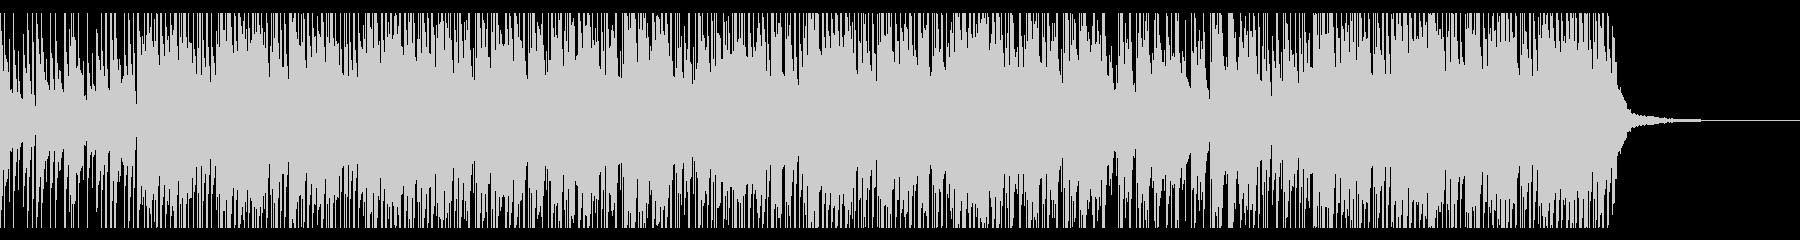 ゆったりとしたバラード調HIPHOPの未再生の波形